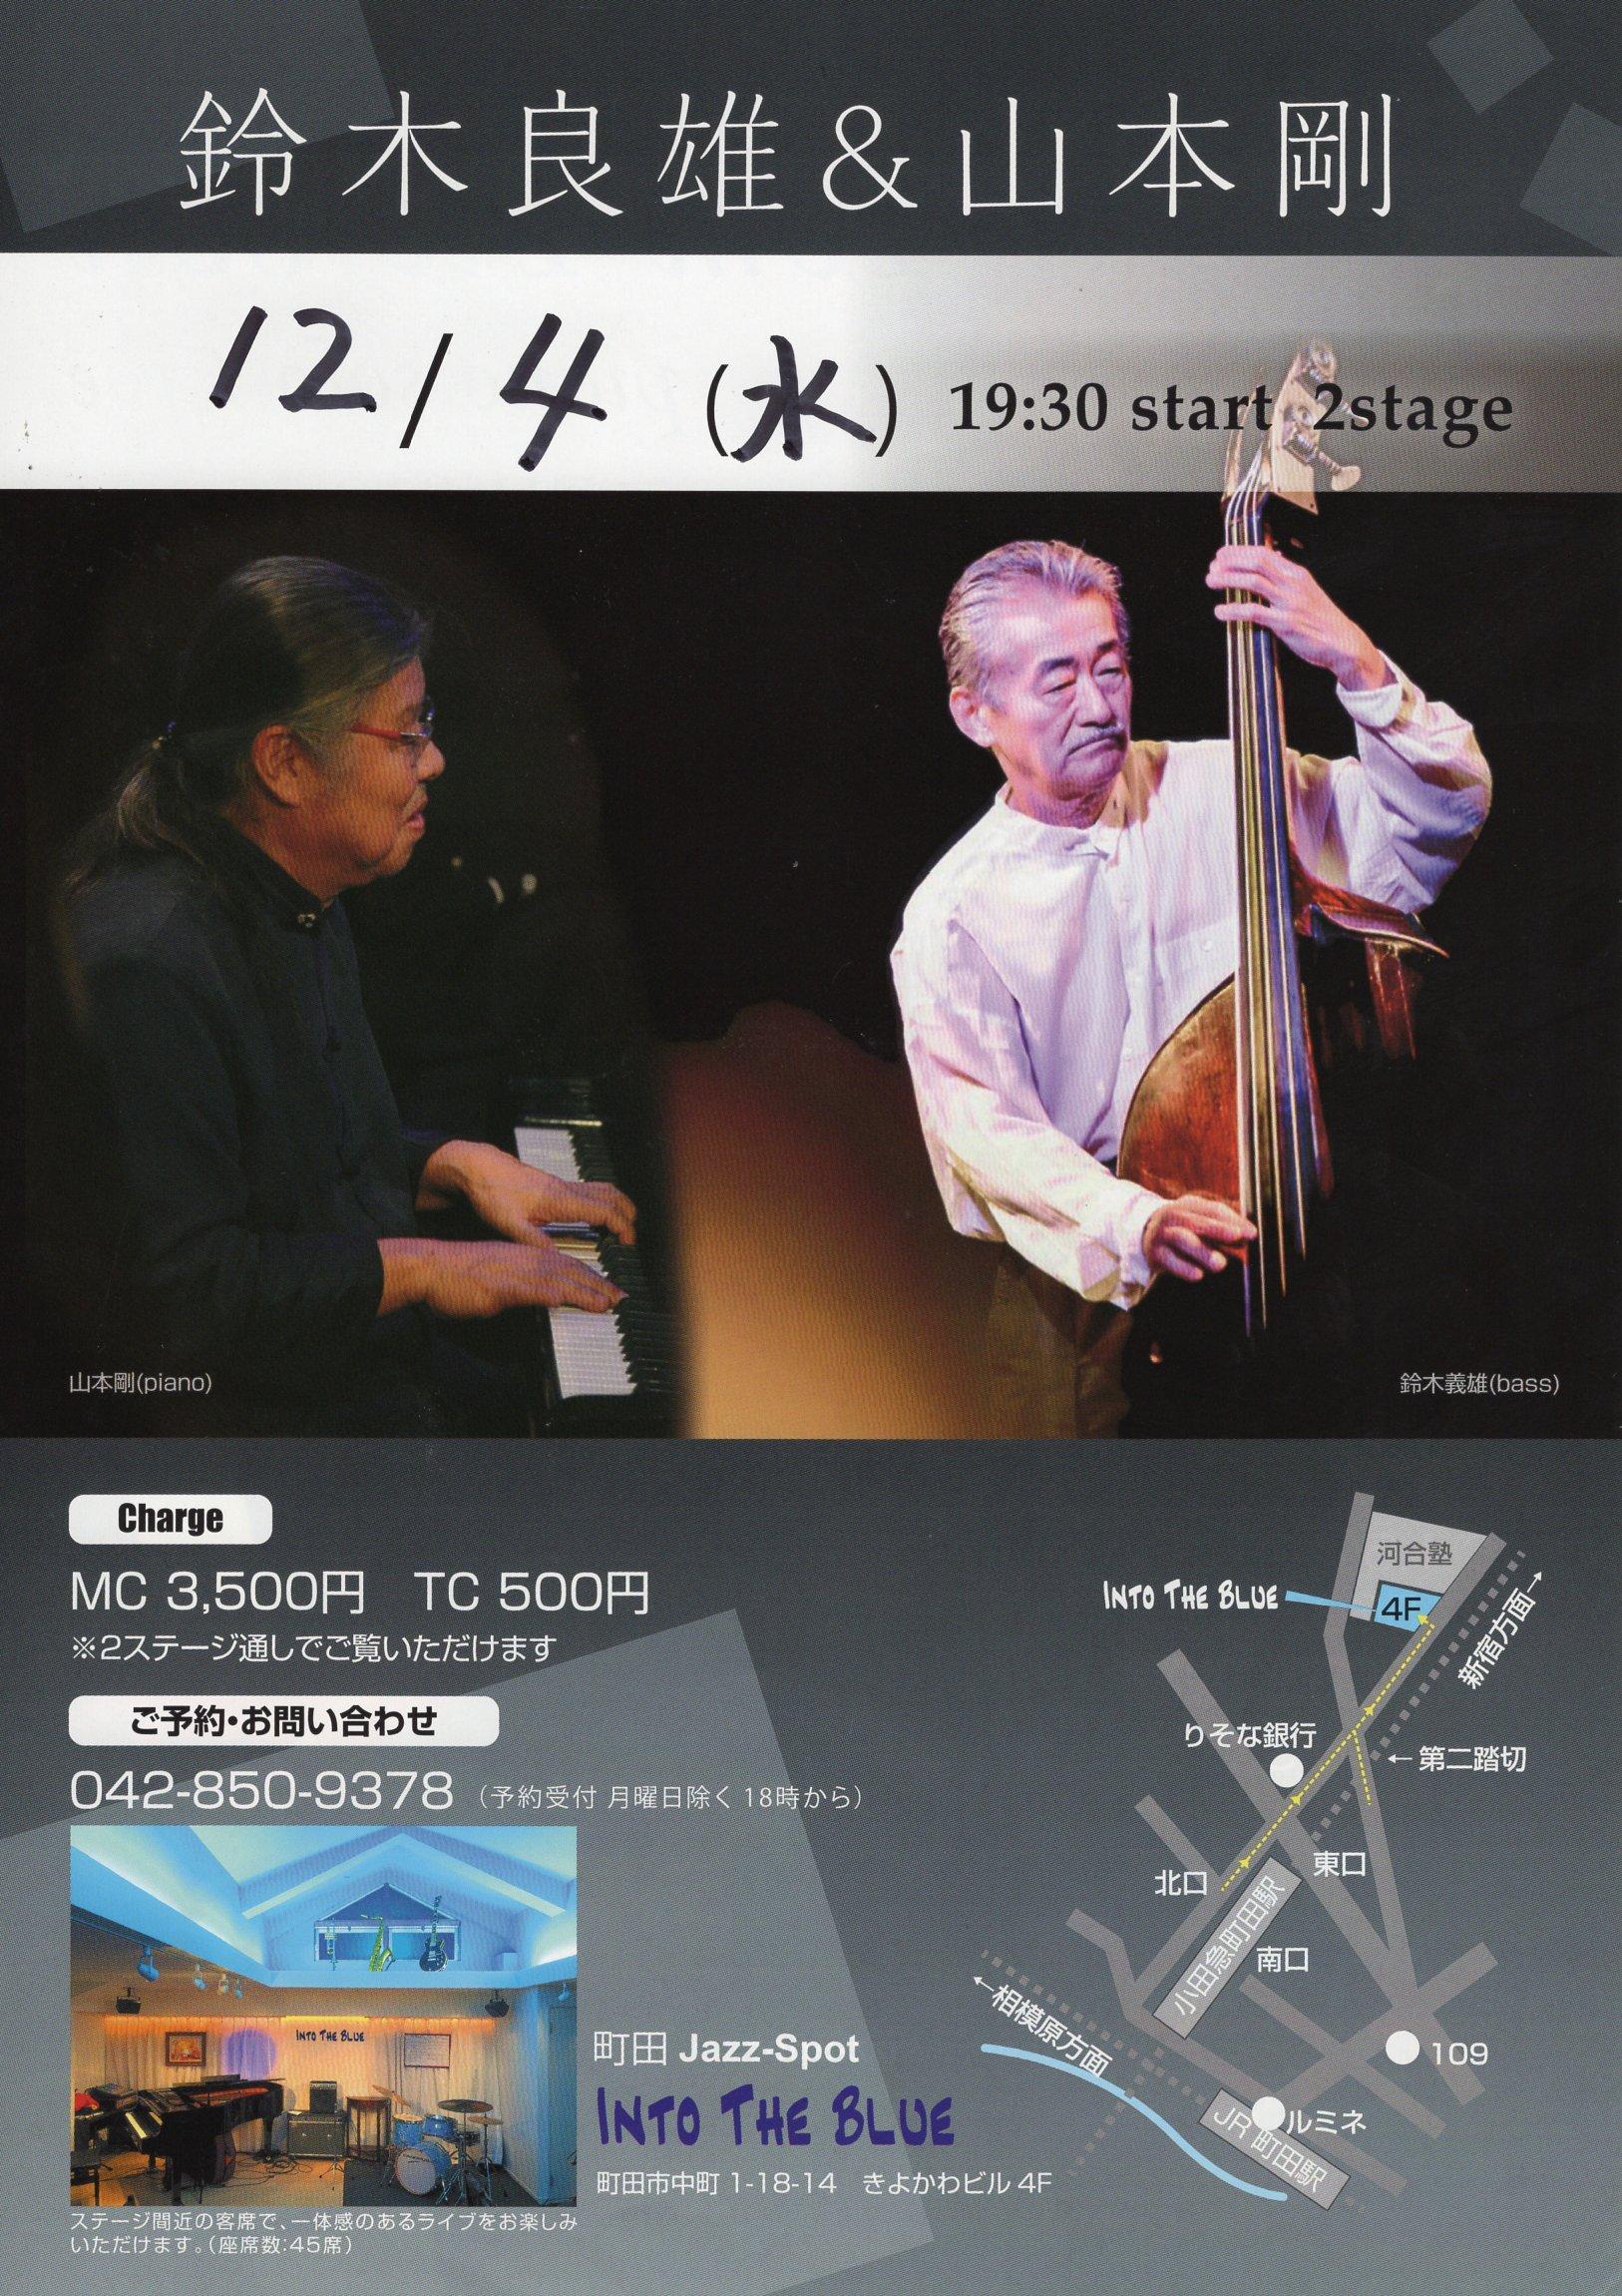 鈴木良雄1204